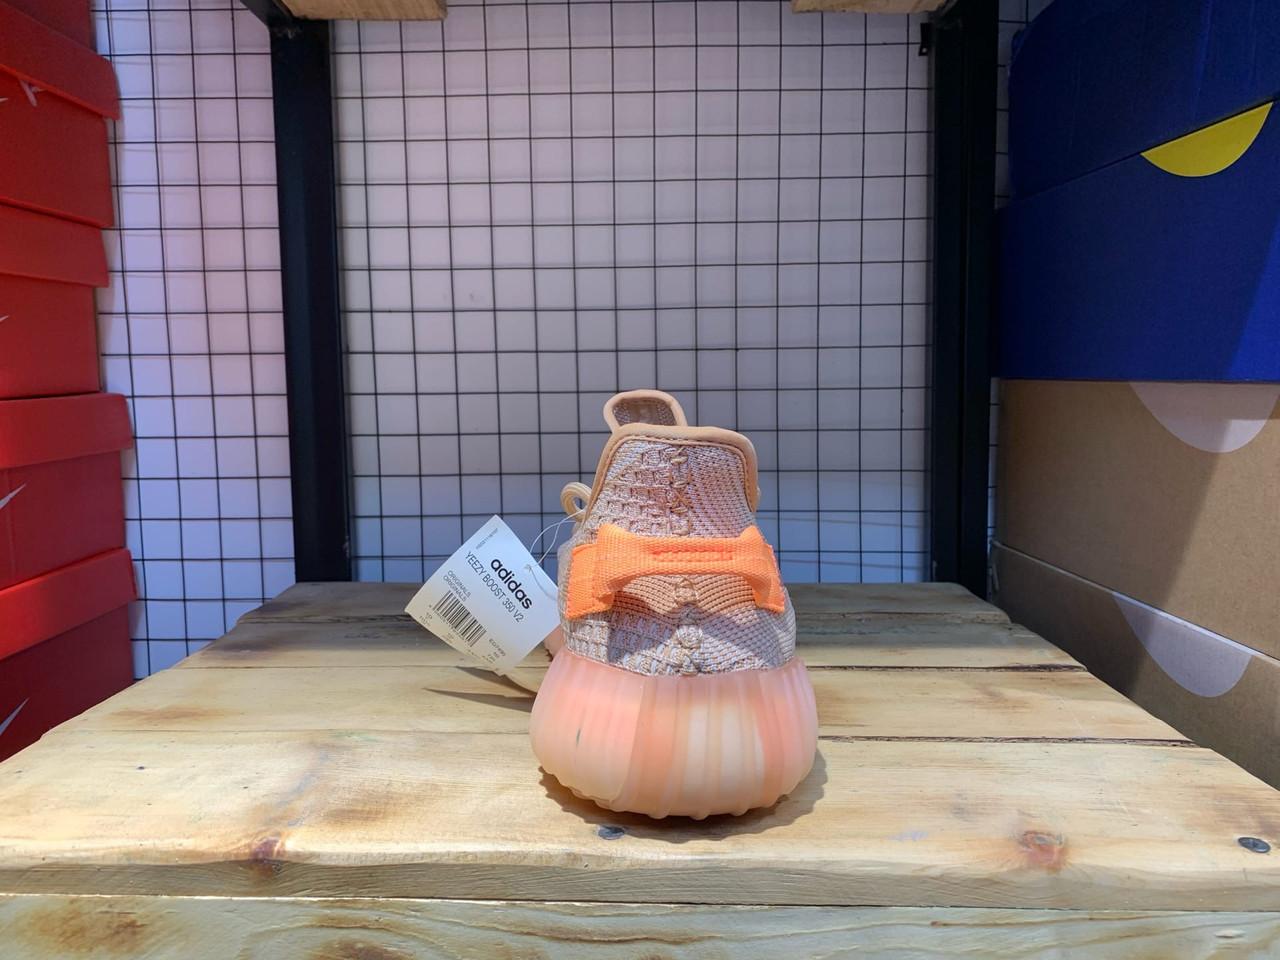 Кроссовки Adidas Yeezy Boost 350 V2 Clay - фото 4